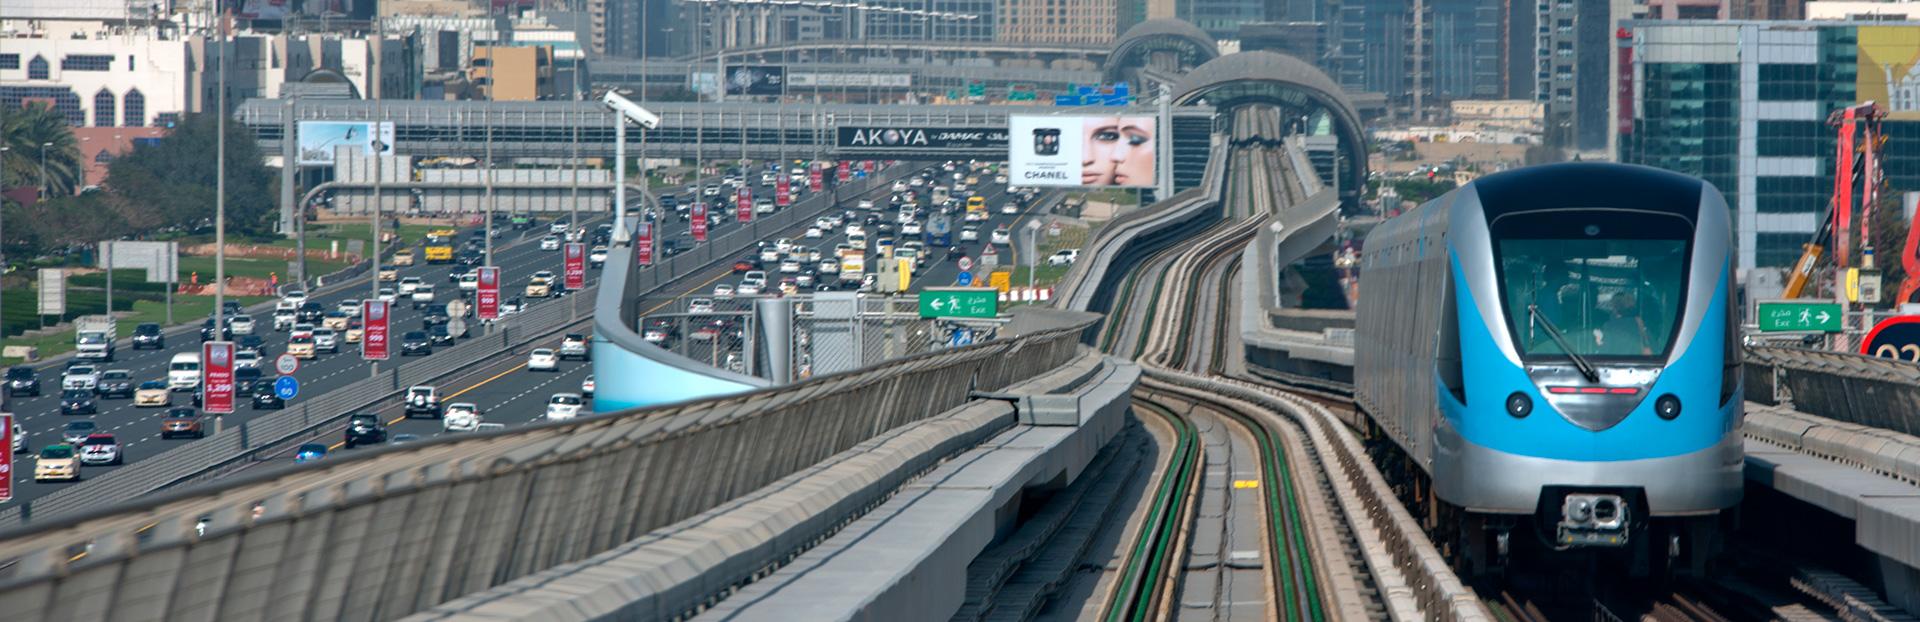 Dubai audio tour: Metro Moments: Historic Dubai from the Burj Khalifa